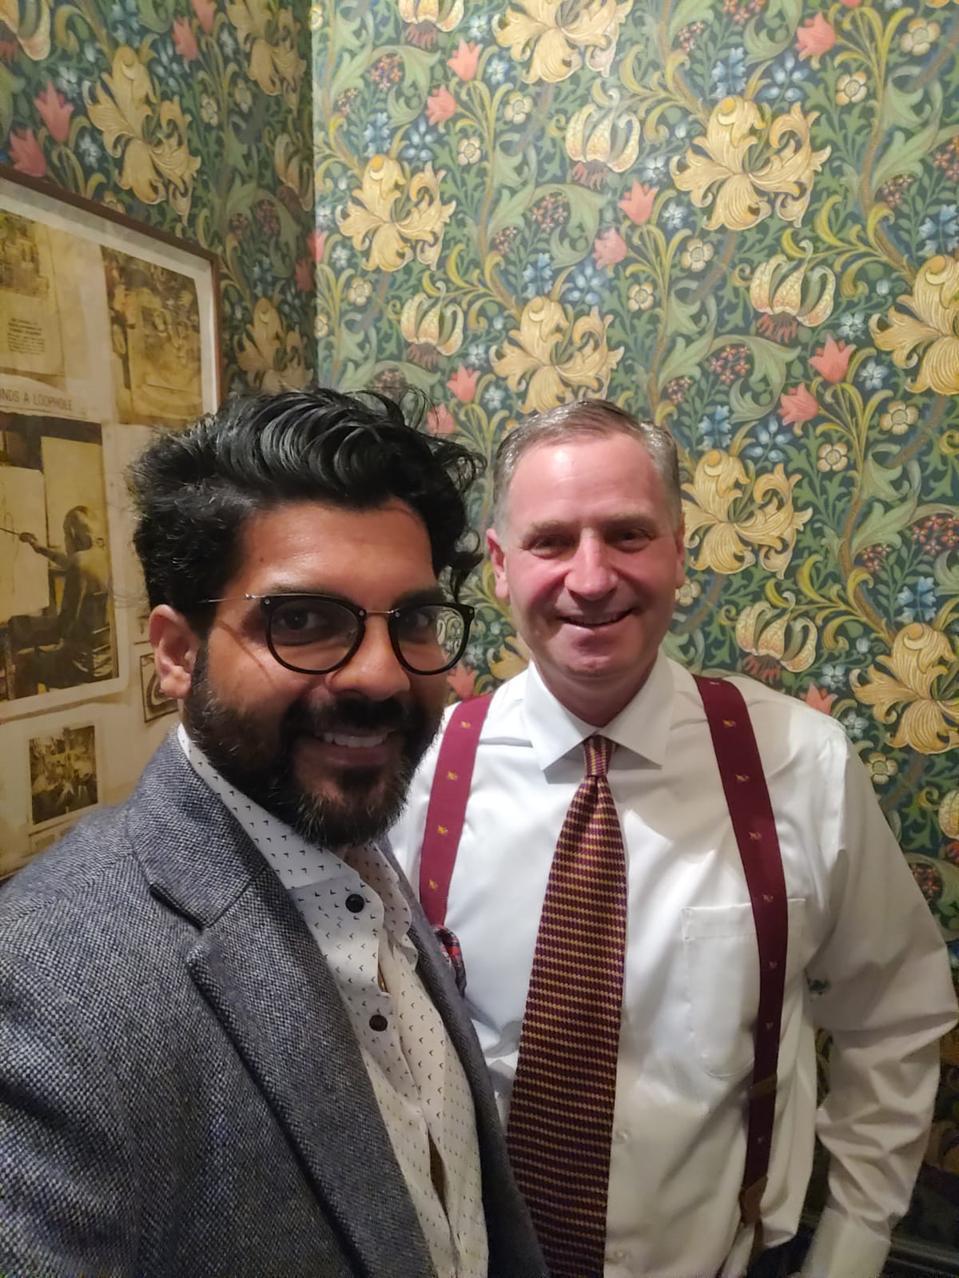 Pranav Yadav and Robert Reiss